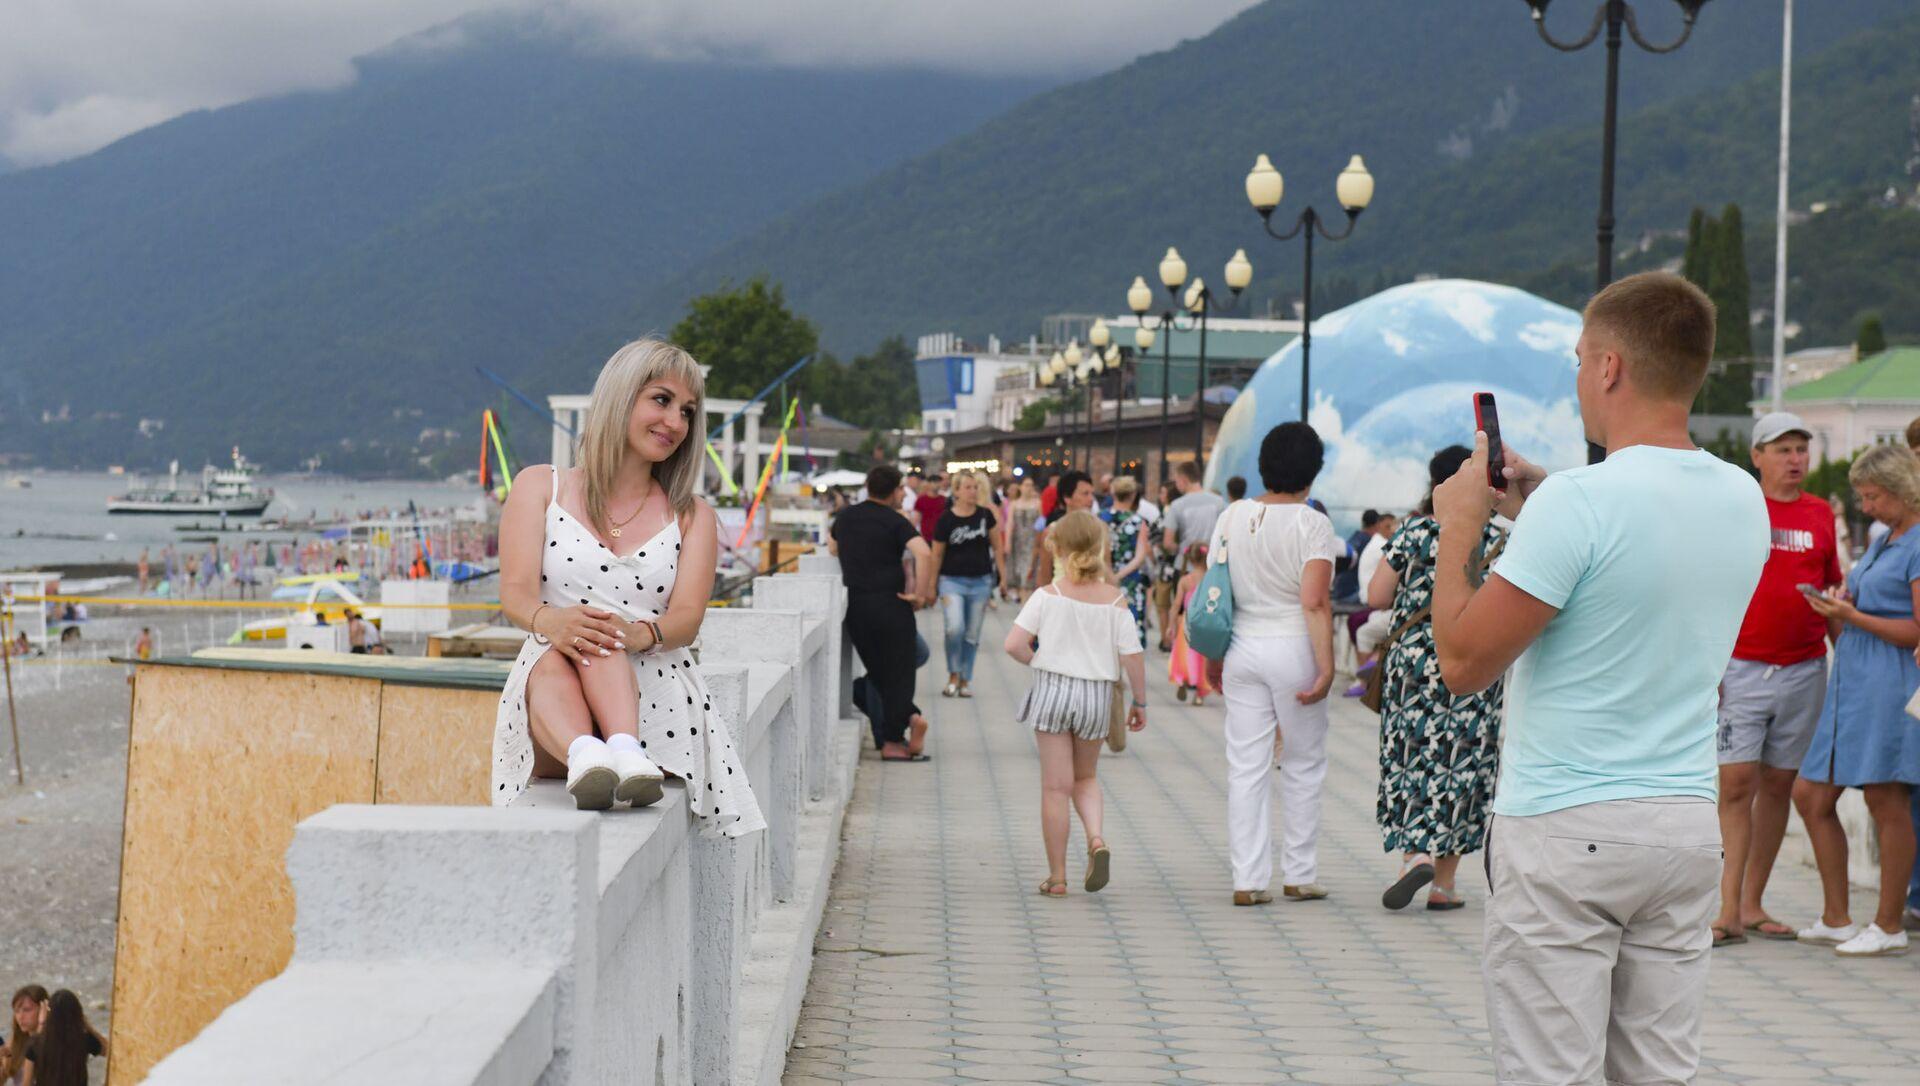 Курортный сезон. Отдыхающие на пляжах Абхазии.  - Sputnik Абхазия, 1920, 15.08.2021